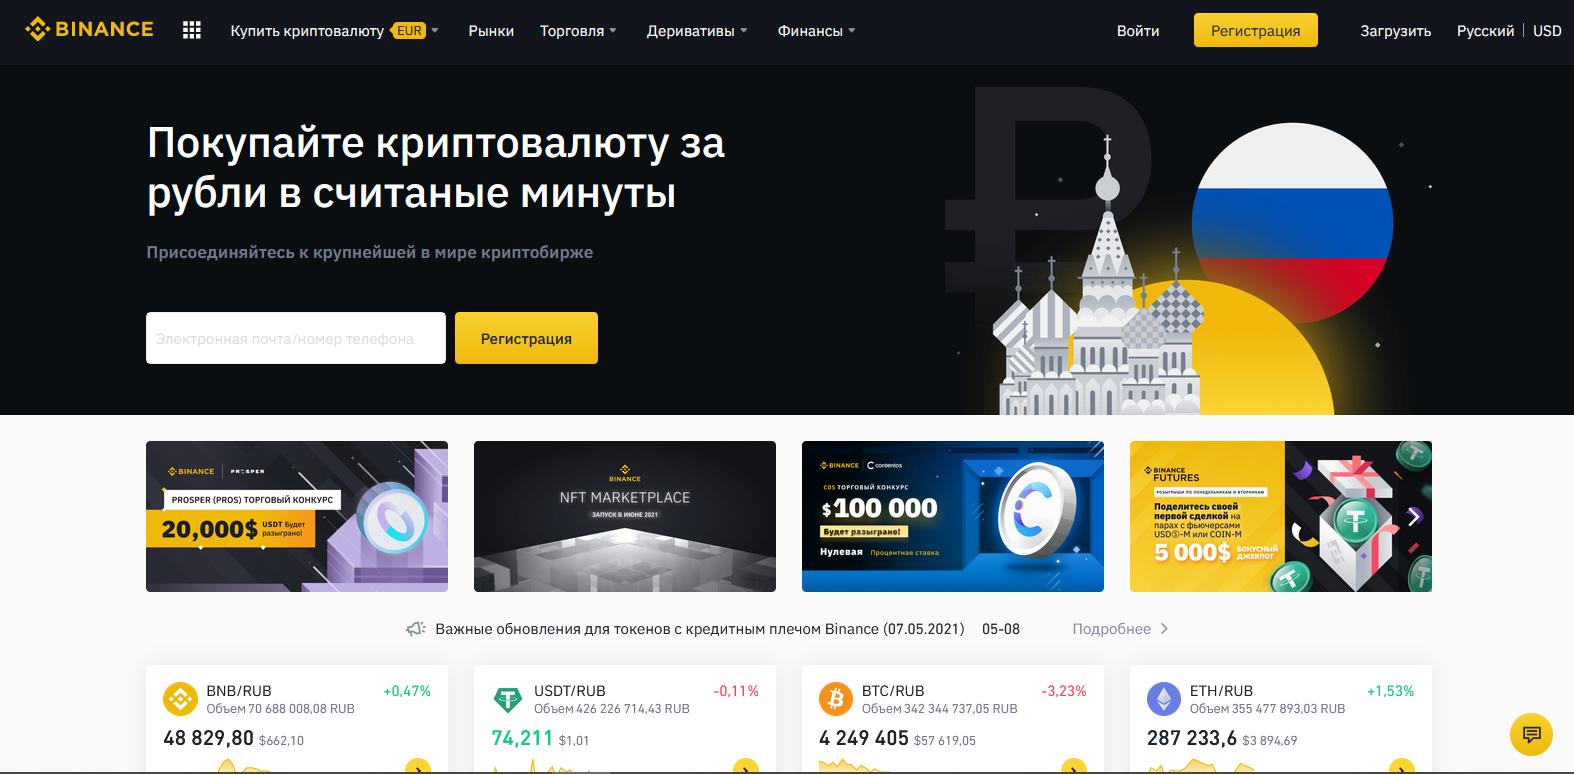 Покупайте криптовалюту за рубли в считаные минуты